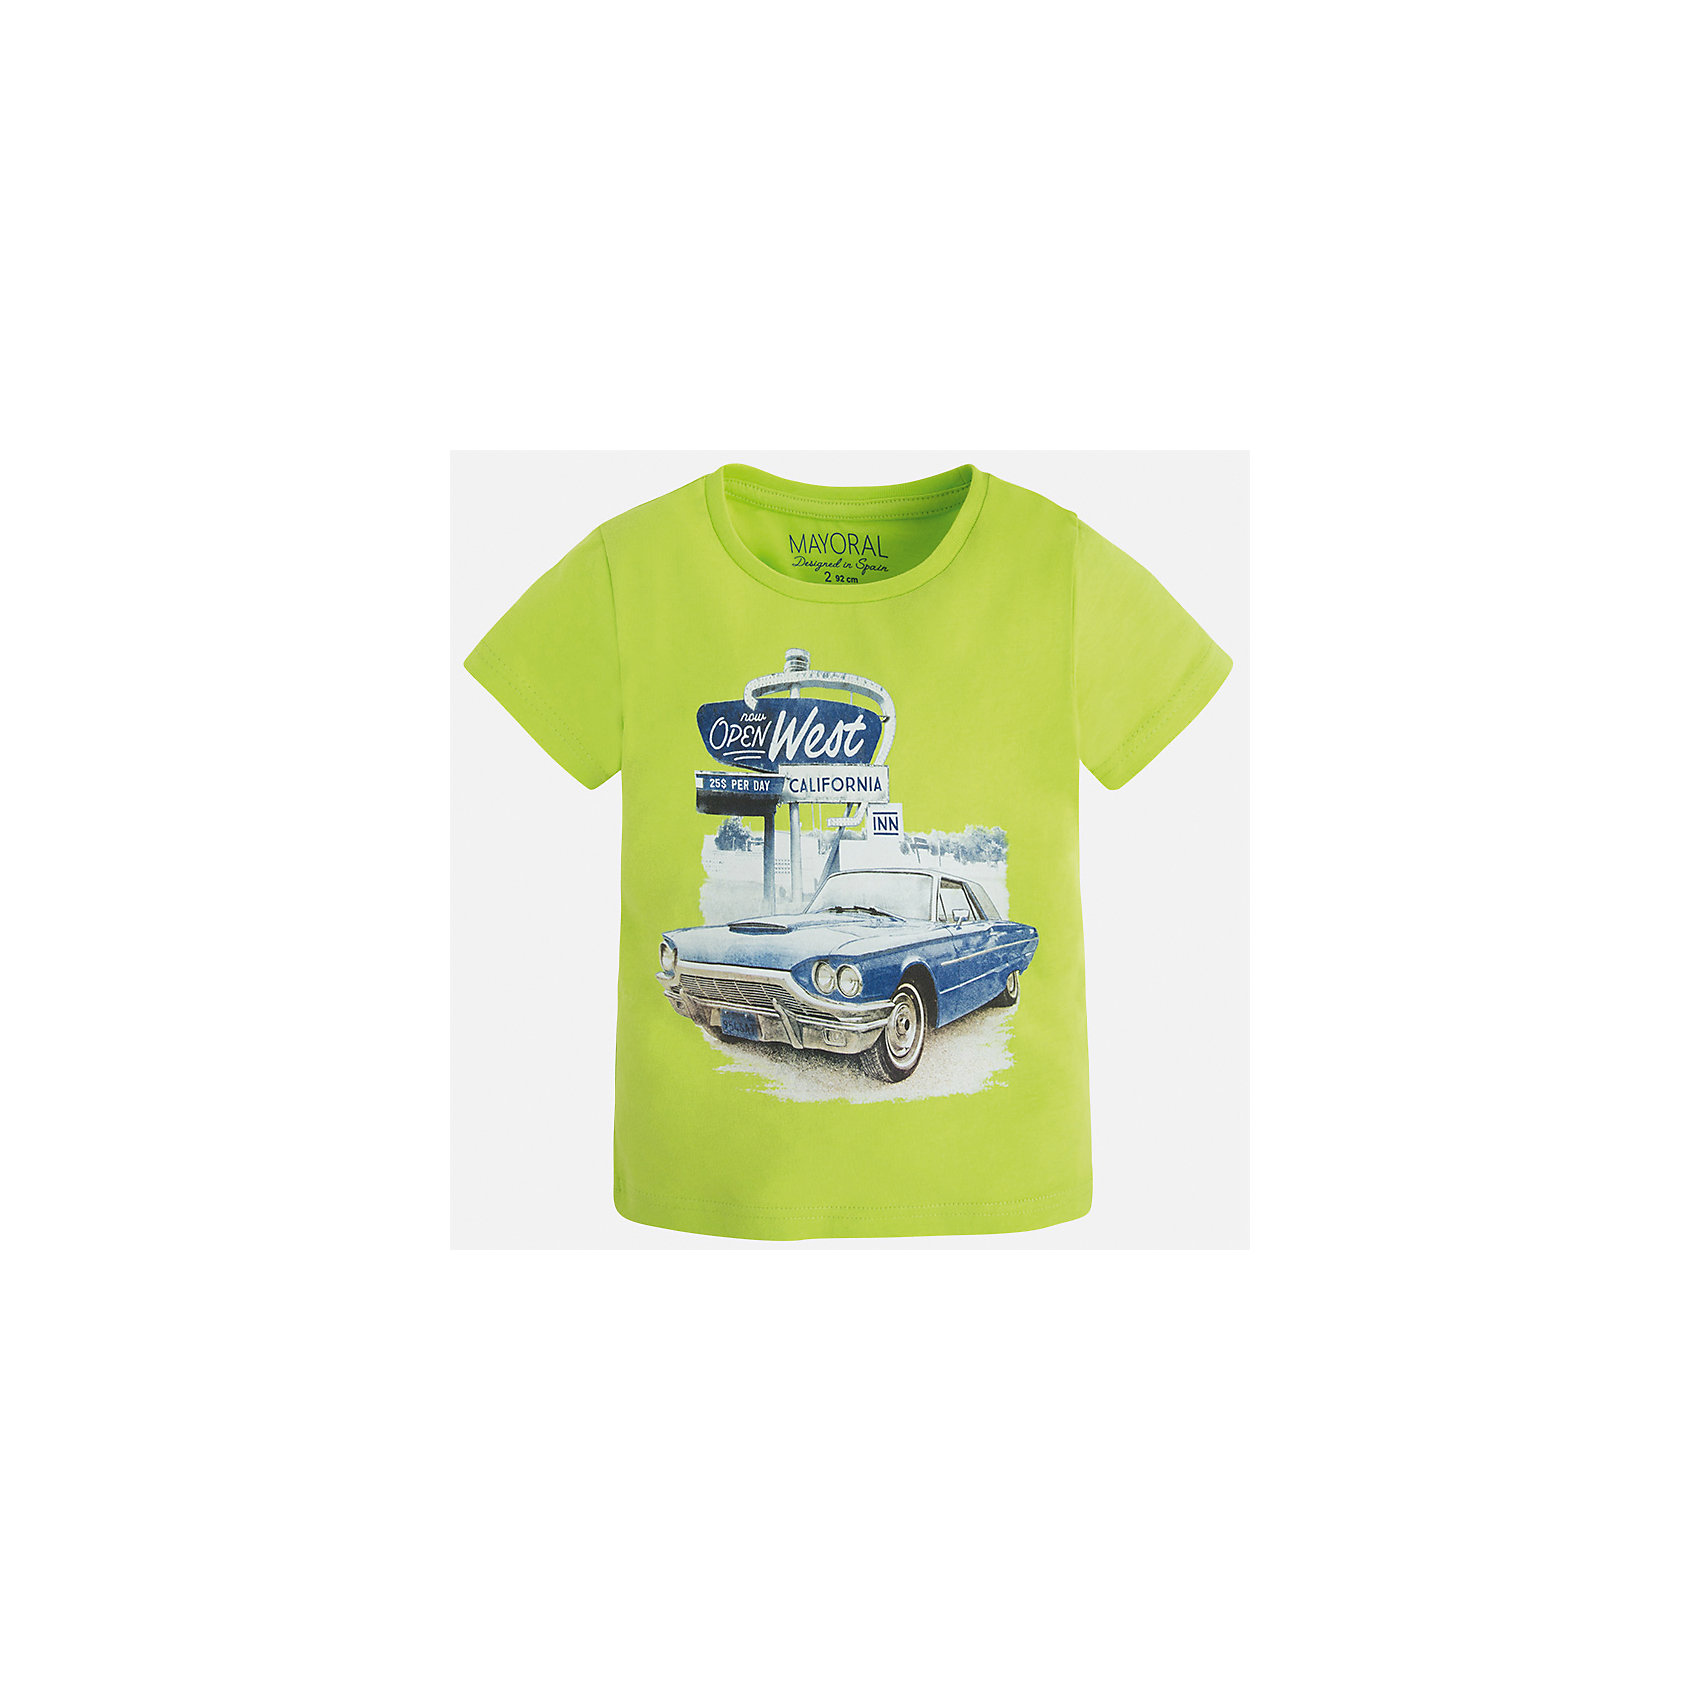 Футболка для мальчика MayoralФутболки, поло и топы<br>Характеристики товара:<br><br>• цвет: зеленый<br>• состав: 100% хлопок<br>• круглый горловой вырез<br>• принт впереди<br>• короткие рукава<br>• отделка горловины<br>• страна бренда: Испания<br><br>Стильная футболка с принтом поможет разнообразить гардероб мальчика. Она отлично сочетается с брюками, шортами, джинсами и т.д. Универсальный крой и цвет позволяет подобрать к вещи низ разных расцветок. Практичное и стильное изделие! В составе материала - только натуральный хлопок, гипоаллергенный, приятный на ощупь, дышащий.<br><br>Одежда, обувь и аксессуары от испанского бренда Mayoral полюбились детям и взрослым по всему миру. Модели этой марки - стильные и удобные. Для их производства используются только безопасные, качественные материалы и фурнитура. Порадуйте ребенка модными и красивыми вещами от Mayoral! <br><br>Футболку для мальчика от испанского бренда Mayoral (Майорал) можно купить в нашем интернет-магазине.<br><br>Ширина мм: 199<br>Глубина мм: 10<br>Высота мм: 161<br>Вес г: 151<br>Цвет: зеленый<br>Возраст от месяцев: 18<br>Возраст до месяцев: 24<br>Пол: Мужской<br>Возраст: Детский<br>Размер: 92,134,128,122,116,110,104,98<br>SKU: 5280092